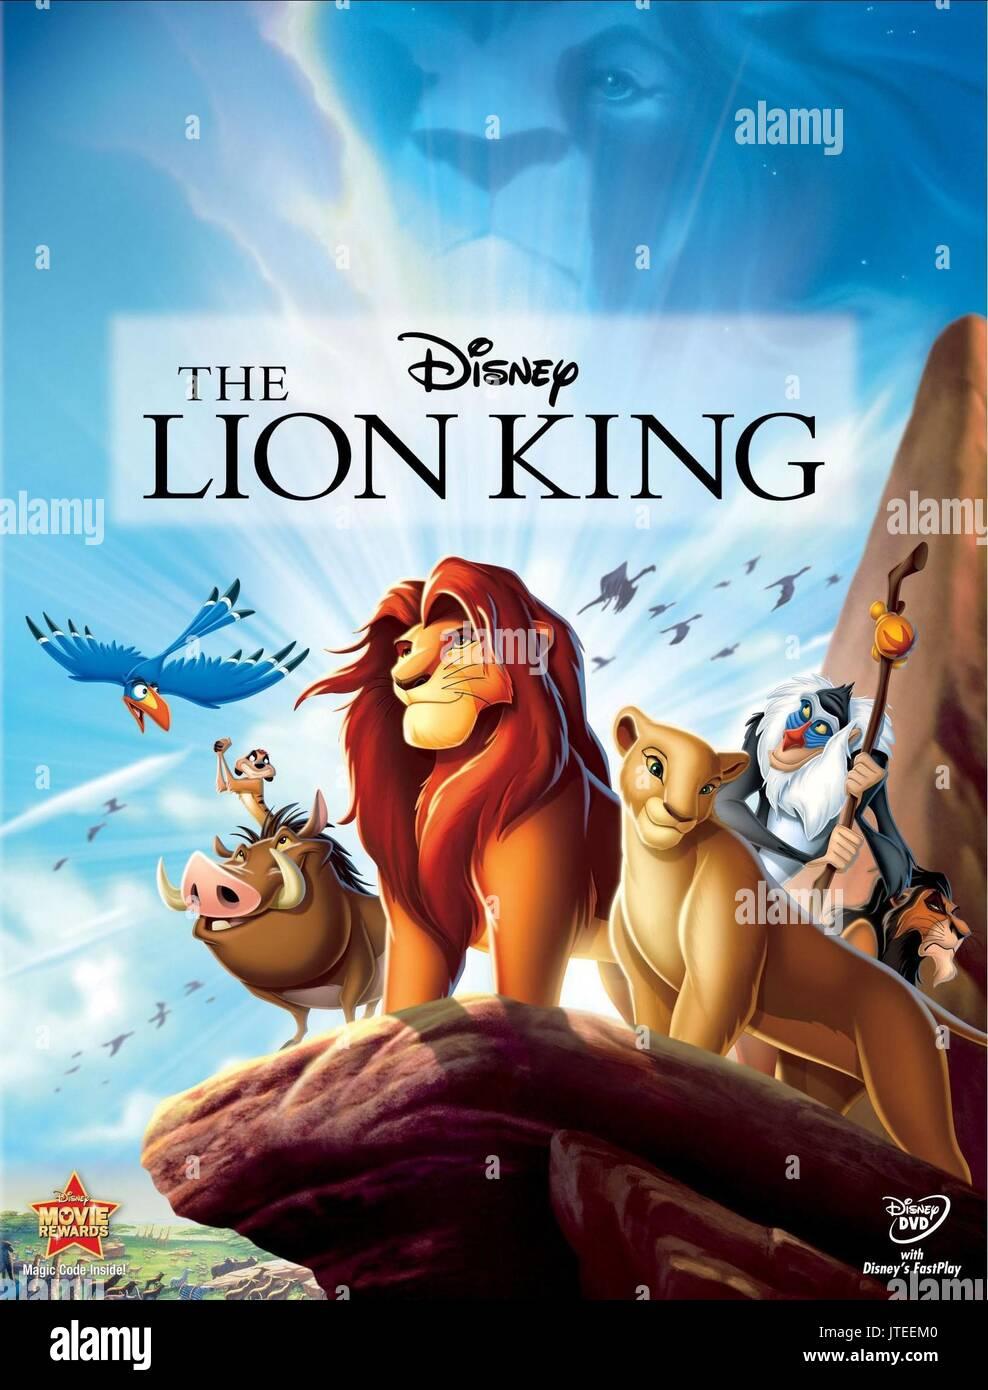 Zazu Simba Nala Rafiki Timon Pumbaa Scar Poster The Lion King Stock Photo Alamy